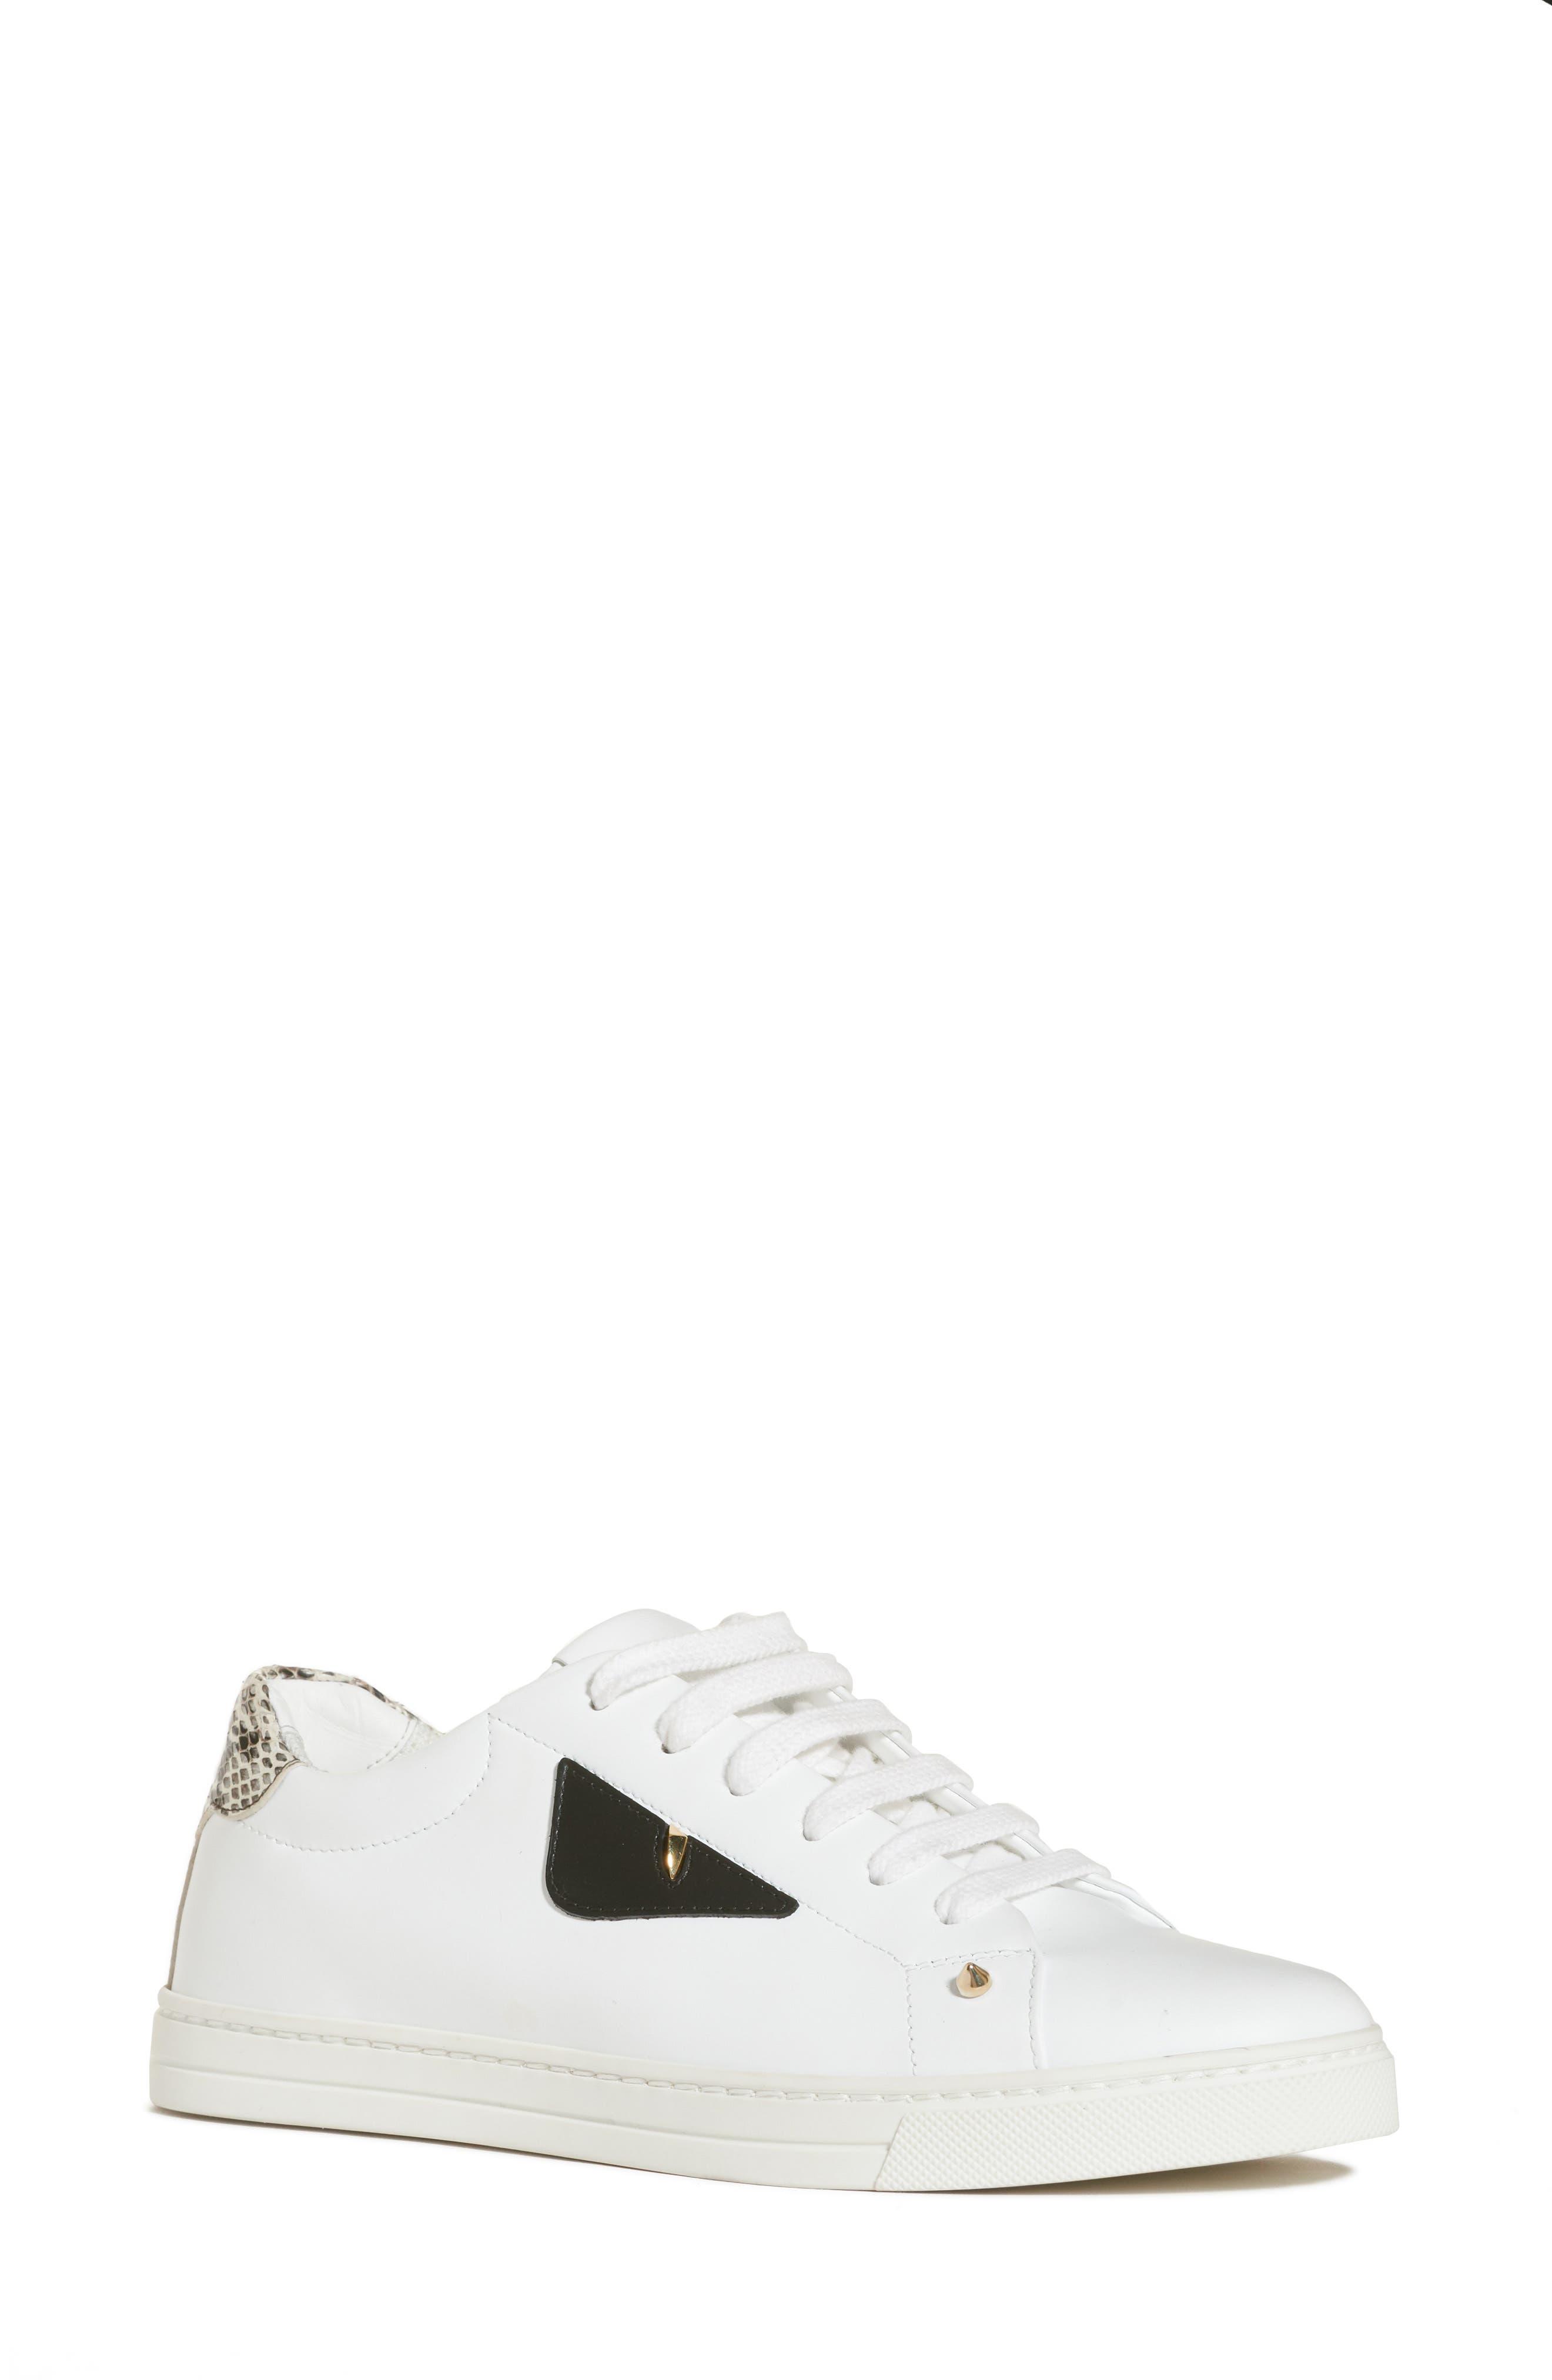 Bugs Sneaker,                         Main,                         color, WHITE/ SNAKEPRINT